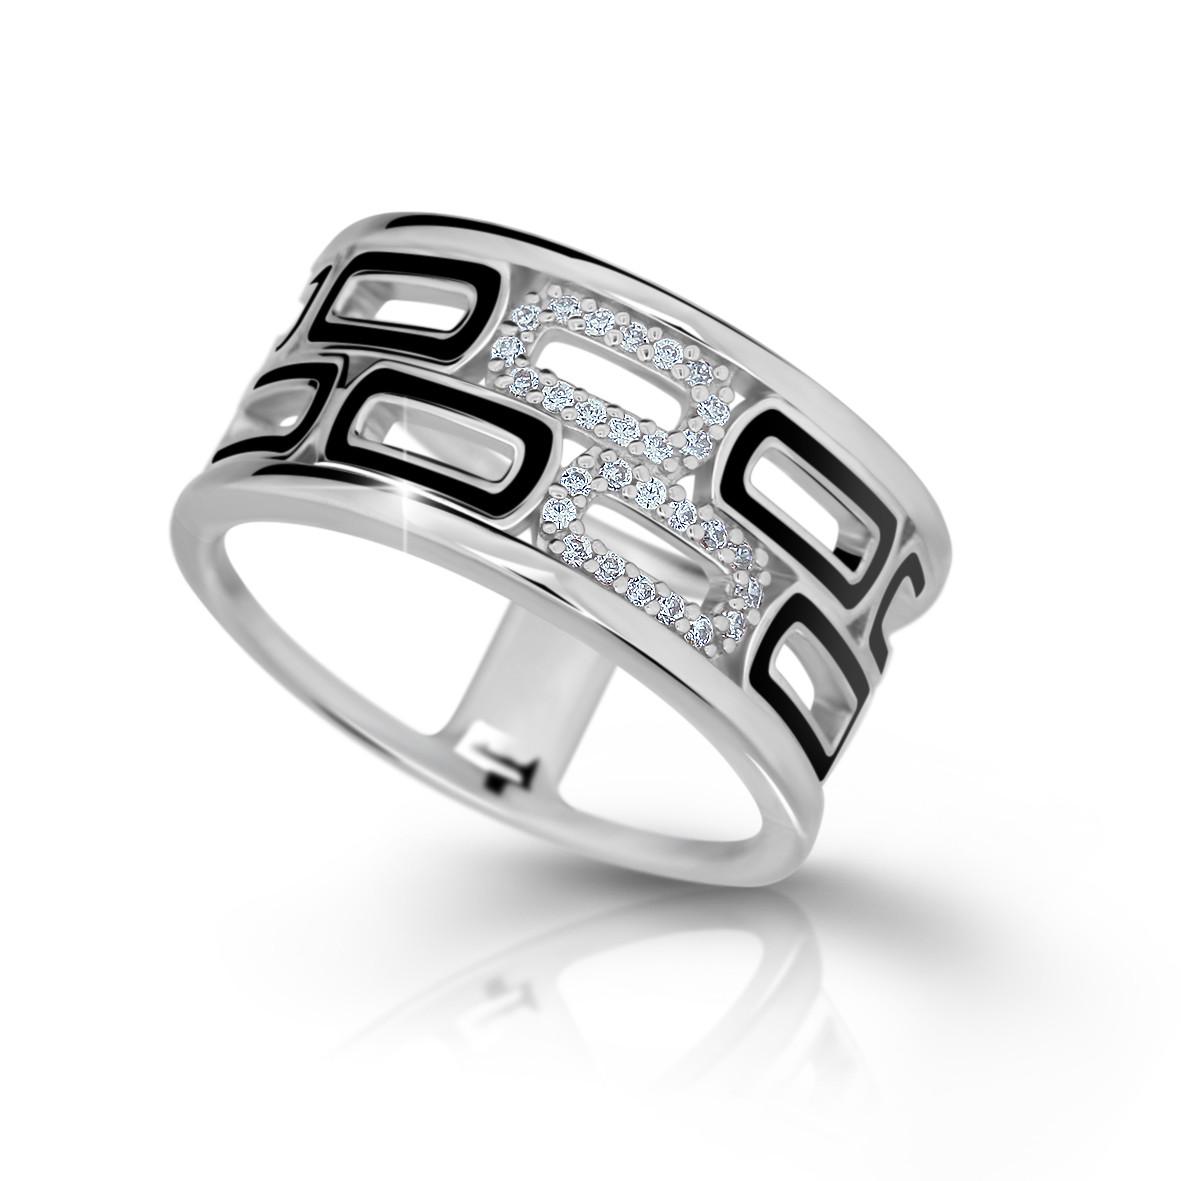 MODESI M11073 Ring Black Enamel